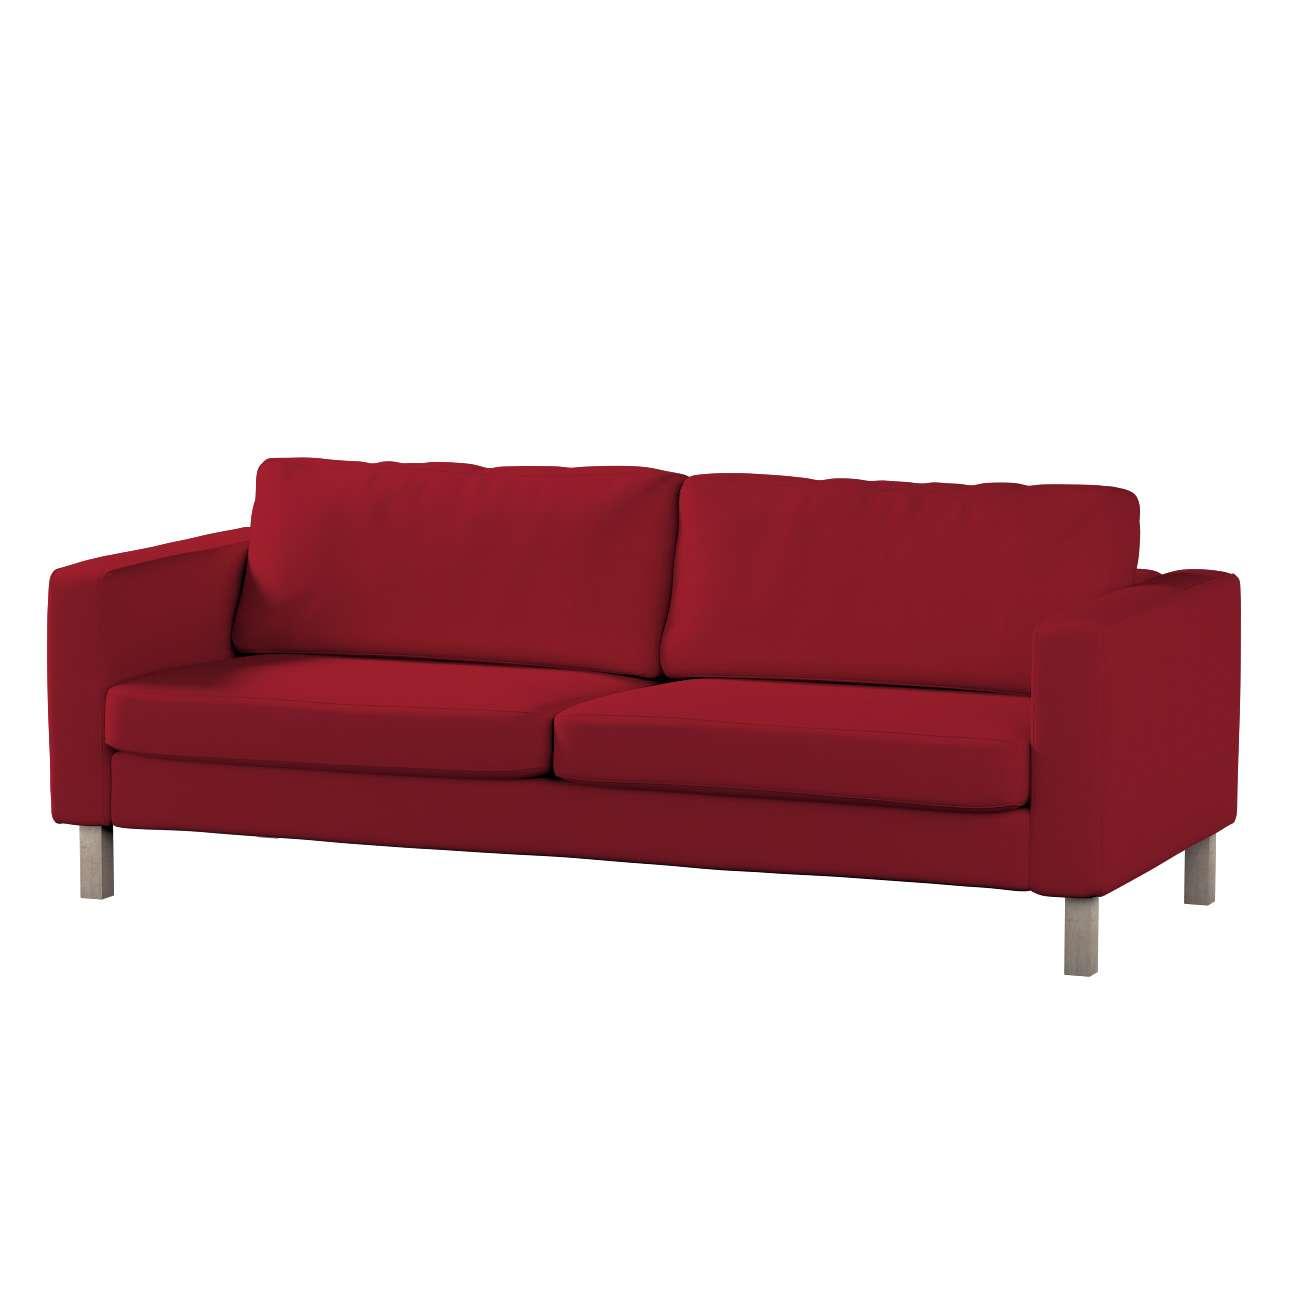 Poťah na sedačku Karlstad (nerozkladá sa, pre 3 osoby, krátka) Poťah na sedačku Karlstad - pre 3 osoby, nerozkladá sa, krátka V kolekcii Chenille, tkanina: 702-24